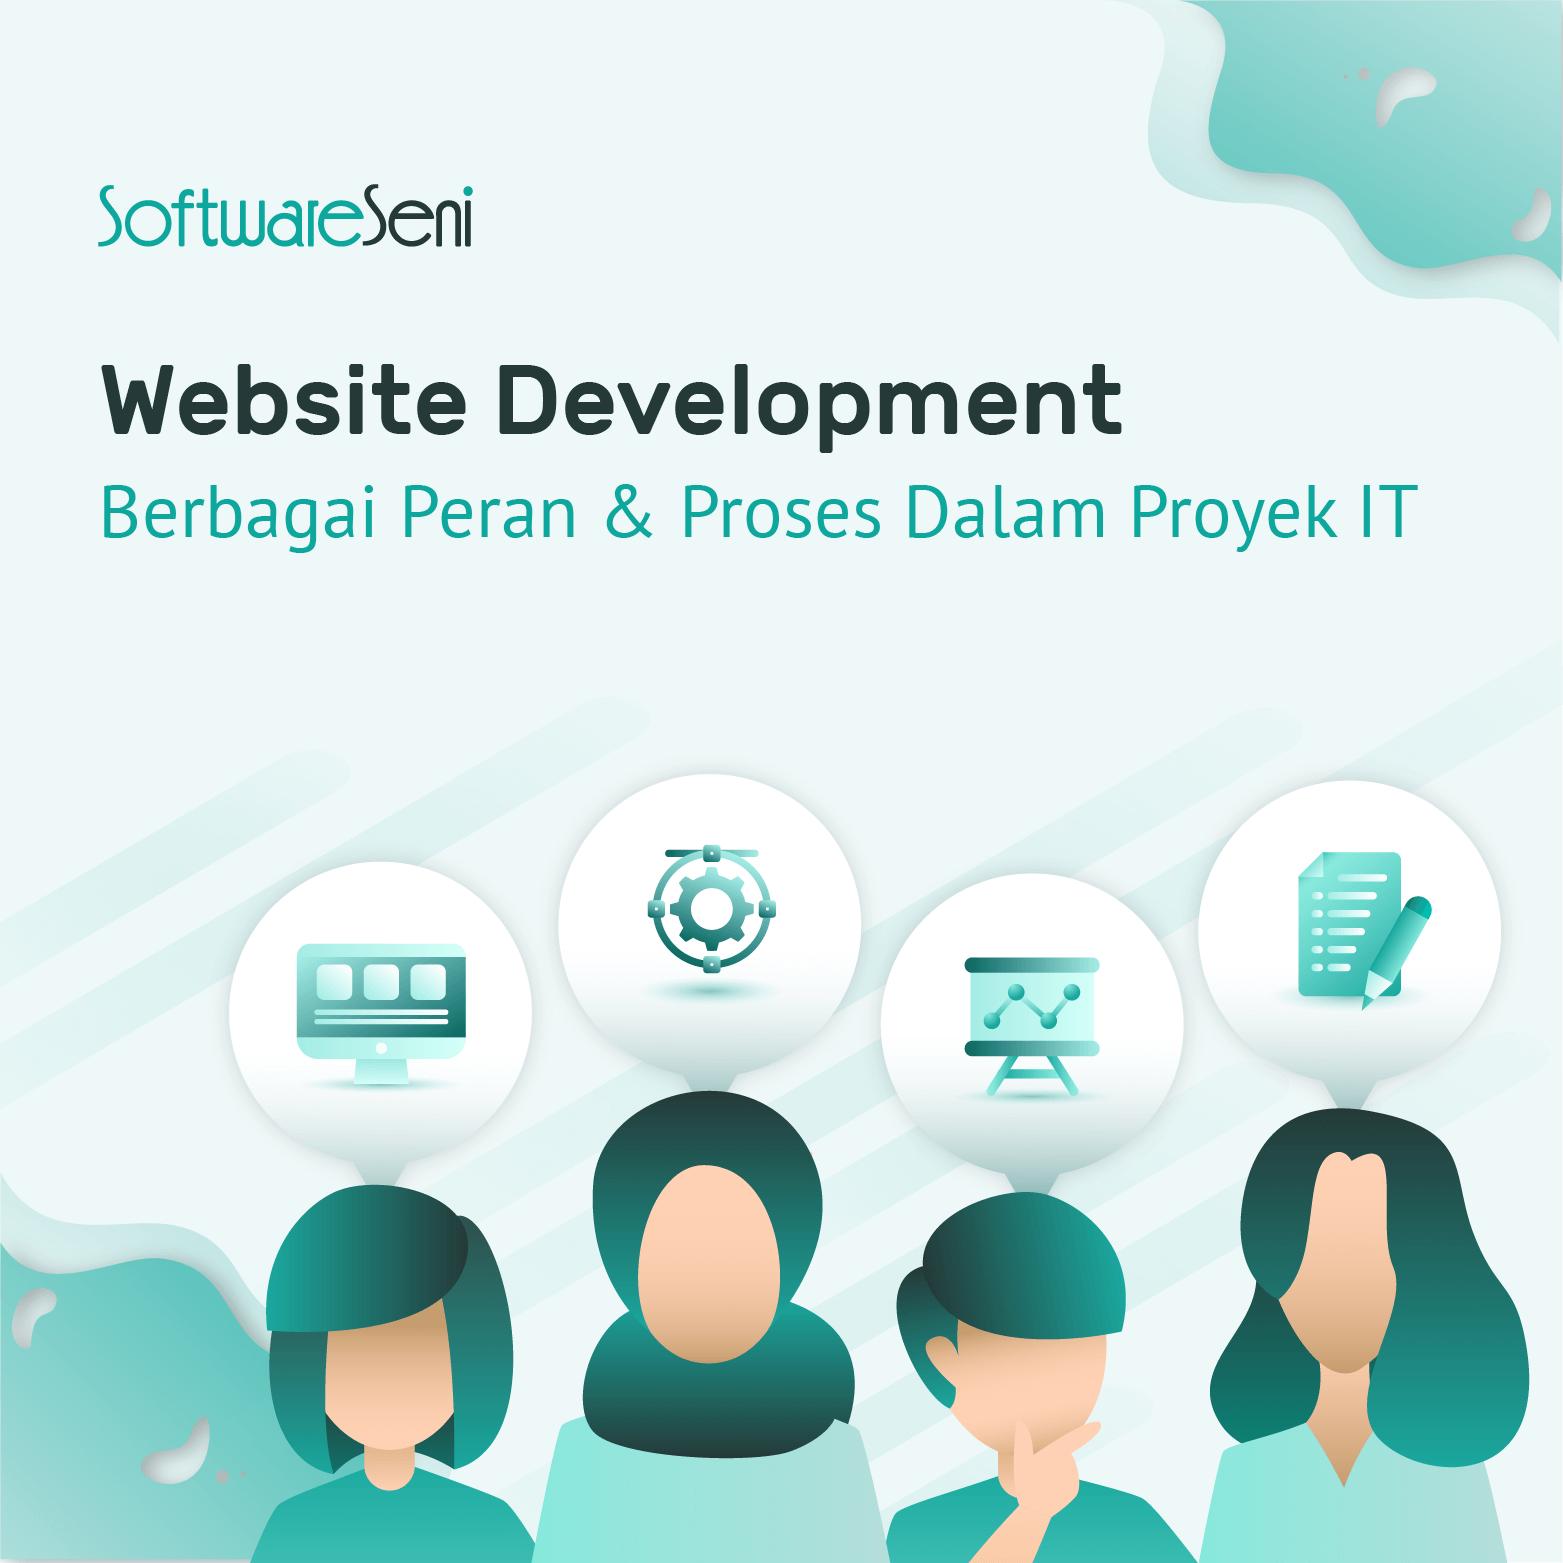 Website Development: Berbagai Peran & Proses Dalam Proyek IT